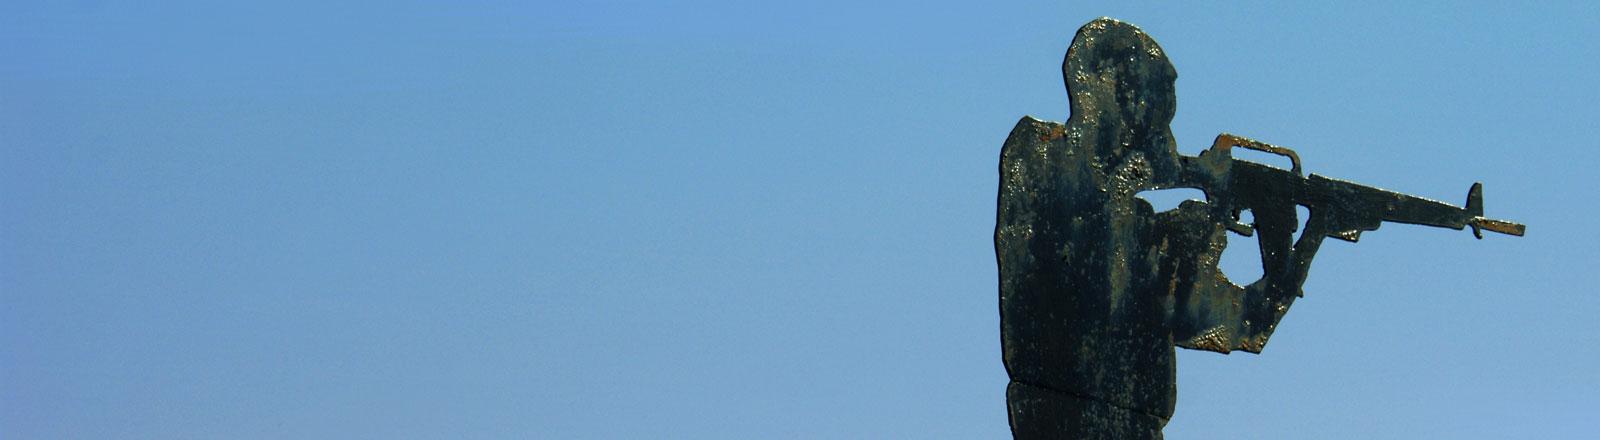 Die Silhouette eines Soldaten mit Waffe im Anschlag vor blauem Himmel.